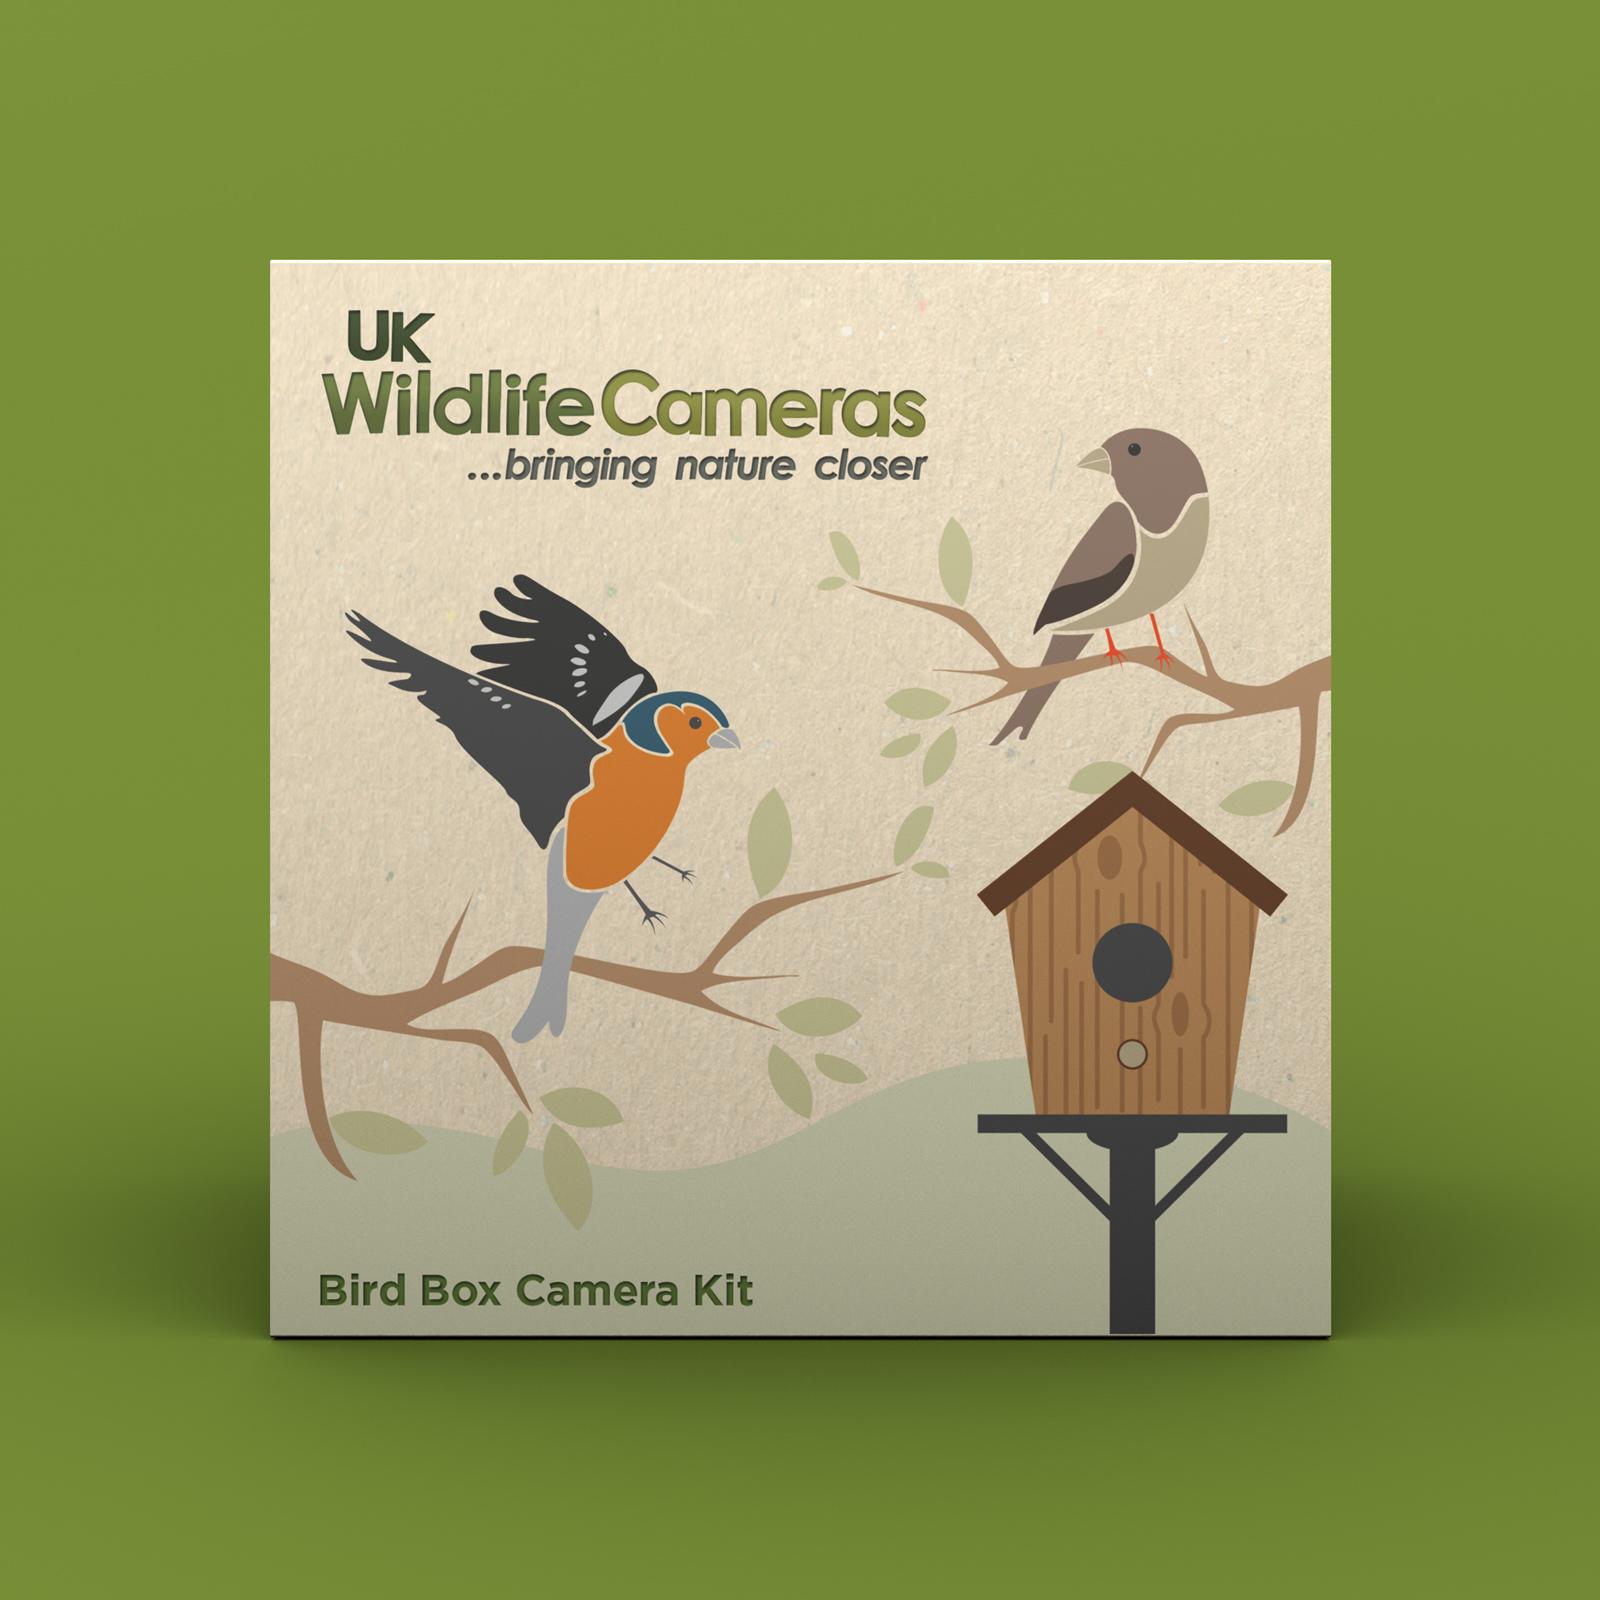 UK Wildlife Cameras Packaging